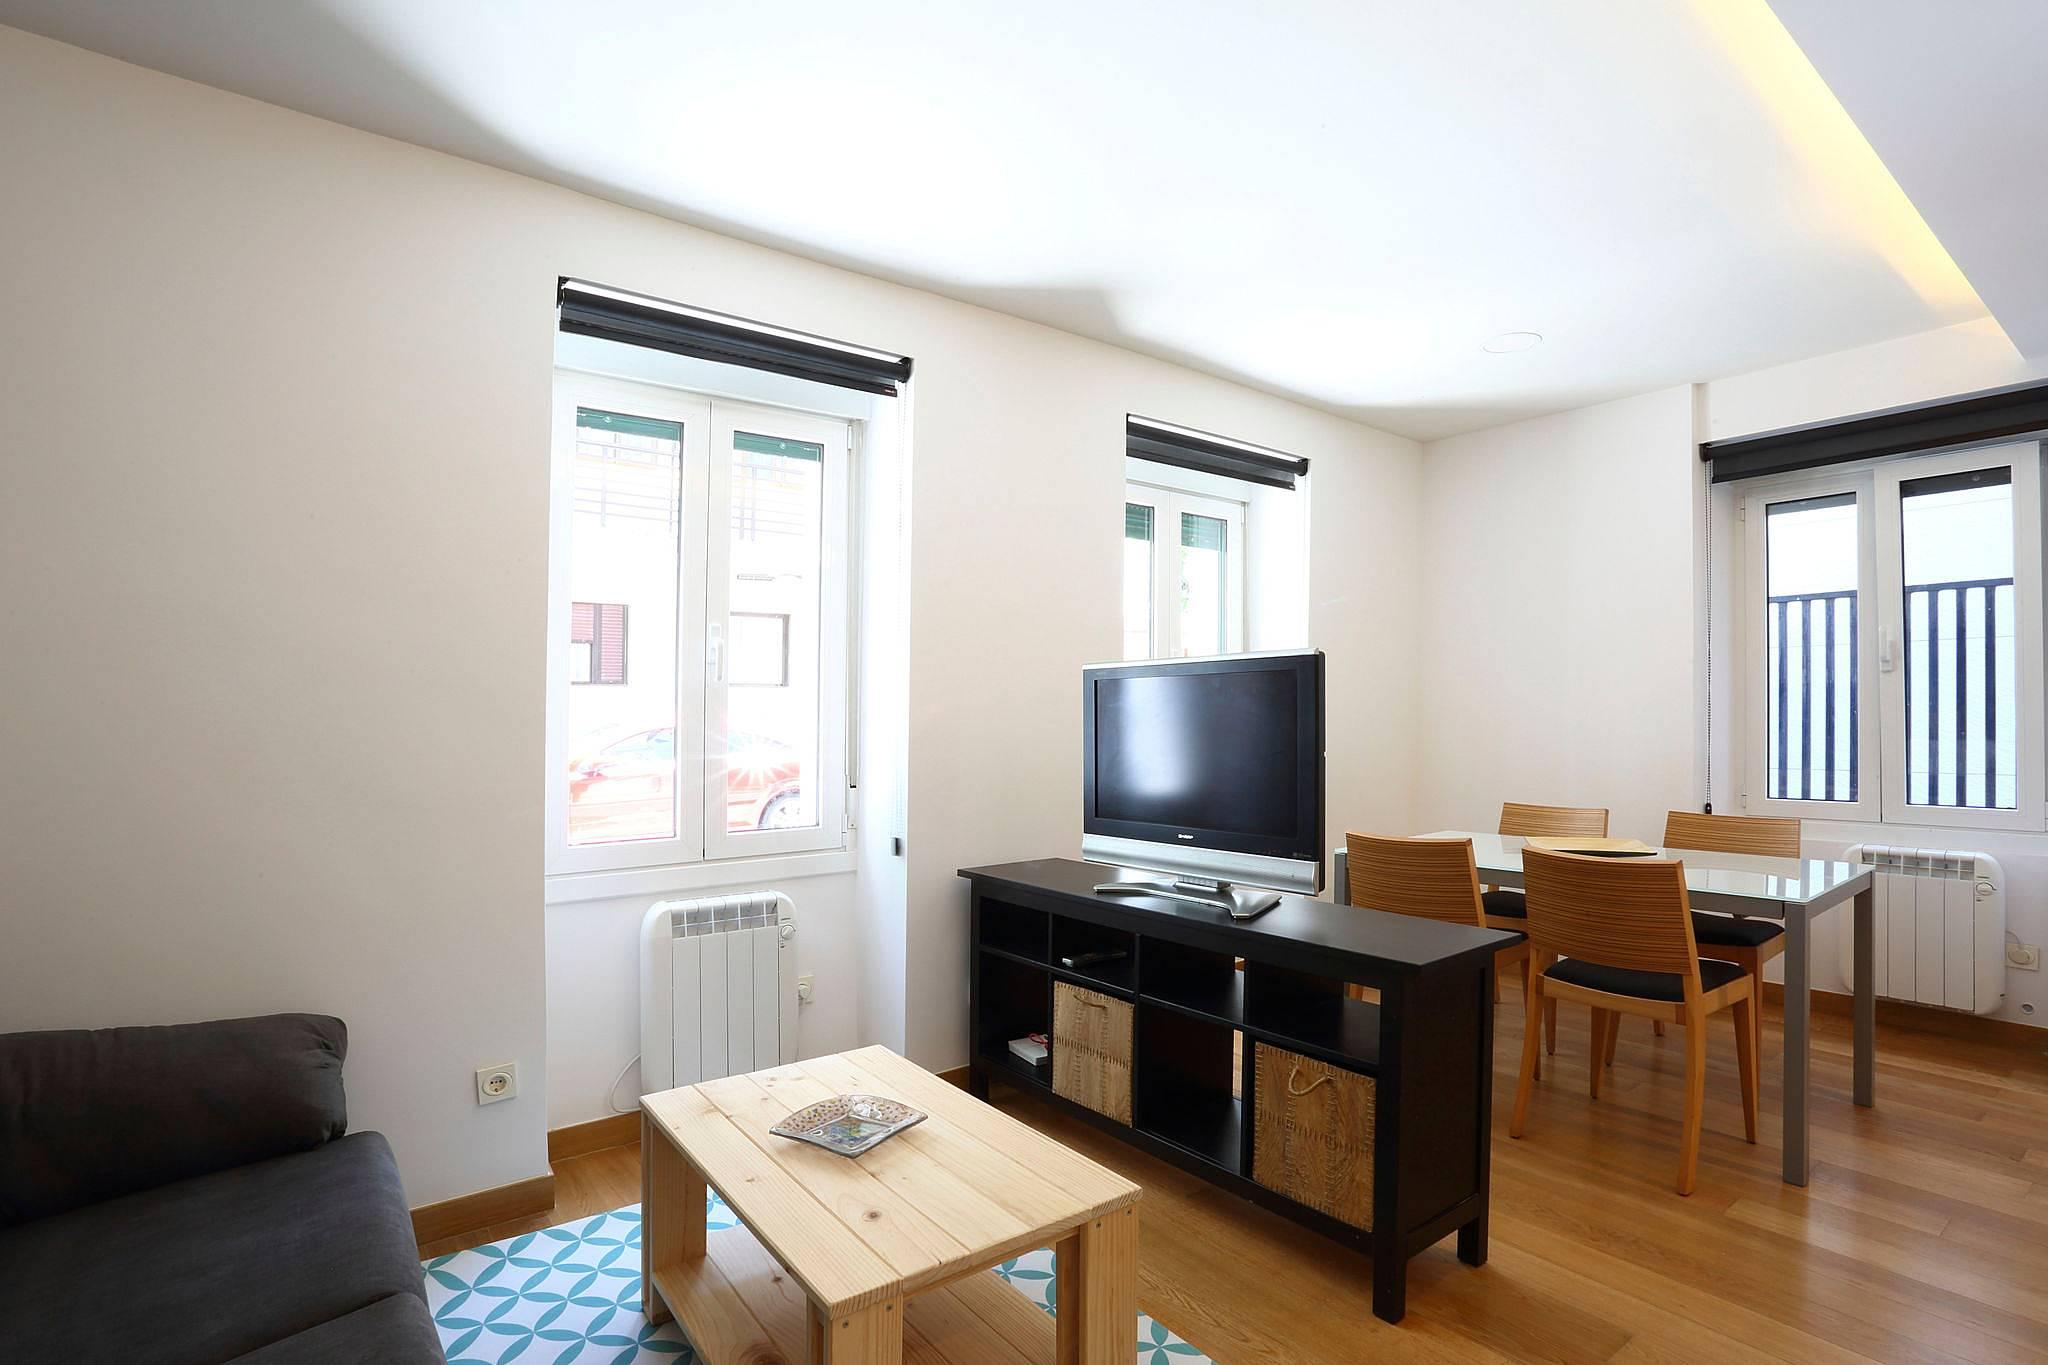 appartement pour 4 personnes fontarrabie fontarrabie guipuscoa c te basque. Black Bedroom Furniture Sets. Home Design Ideas